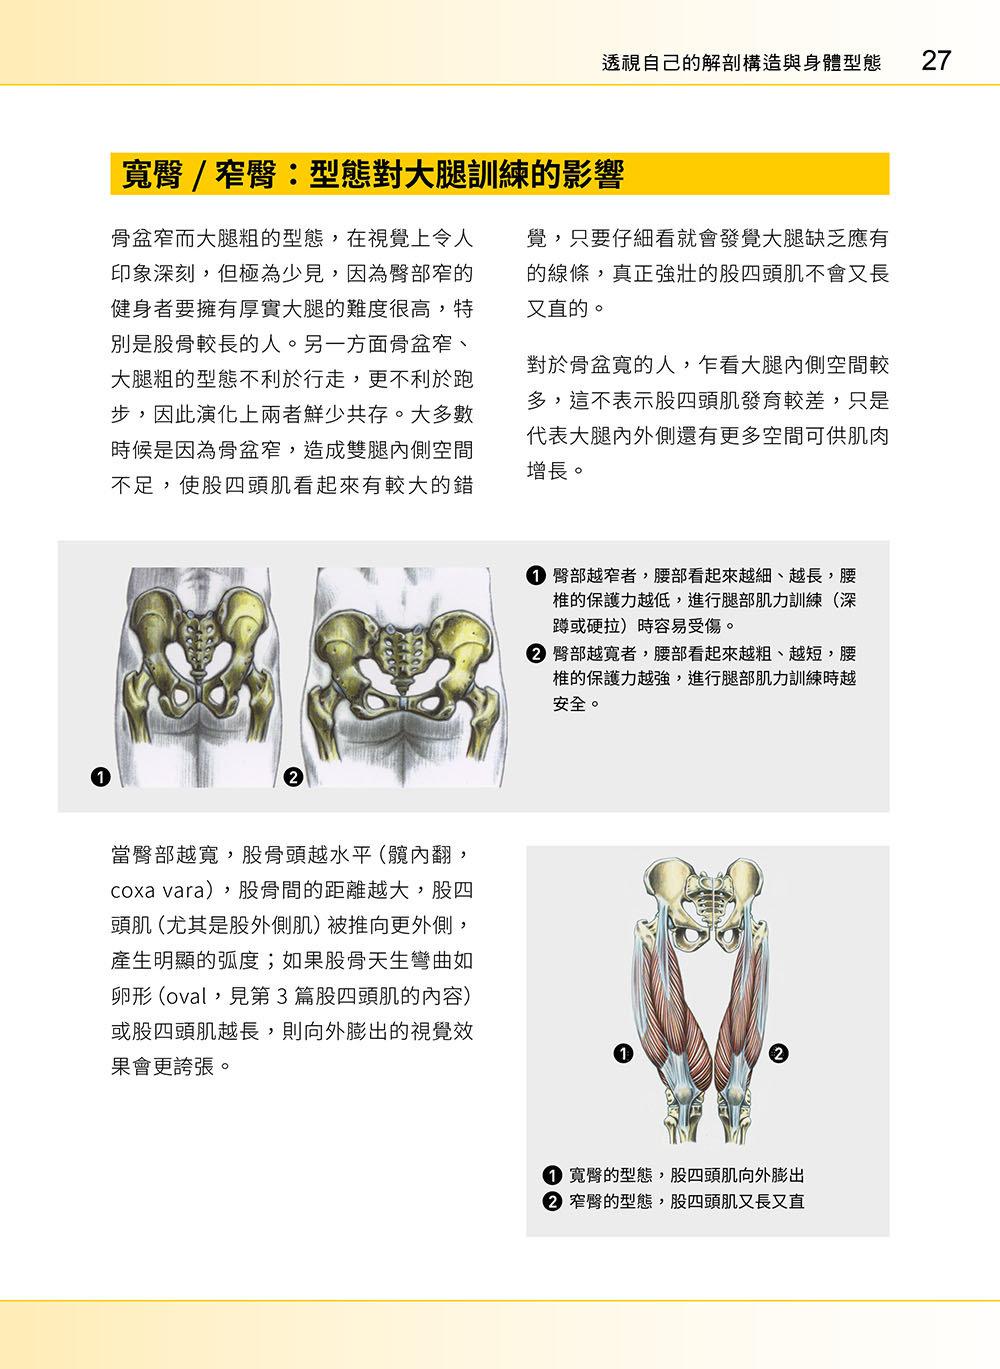 進階肌力訓練解剖聖經 2 - 高手只做不說的關鍵檔案 (附 加大手繪肌肉解剖圖海報)-preview-9